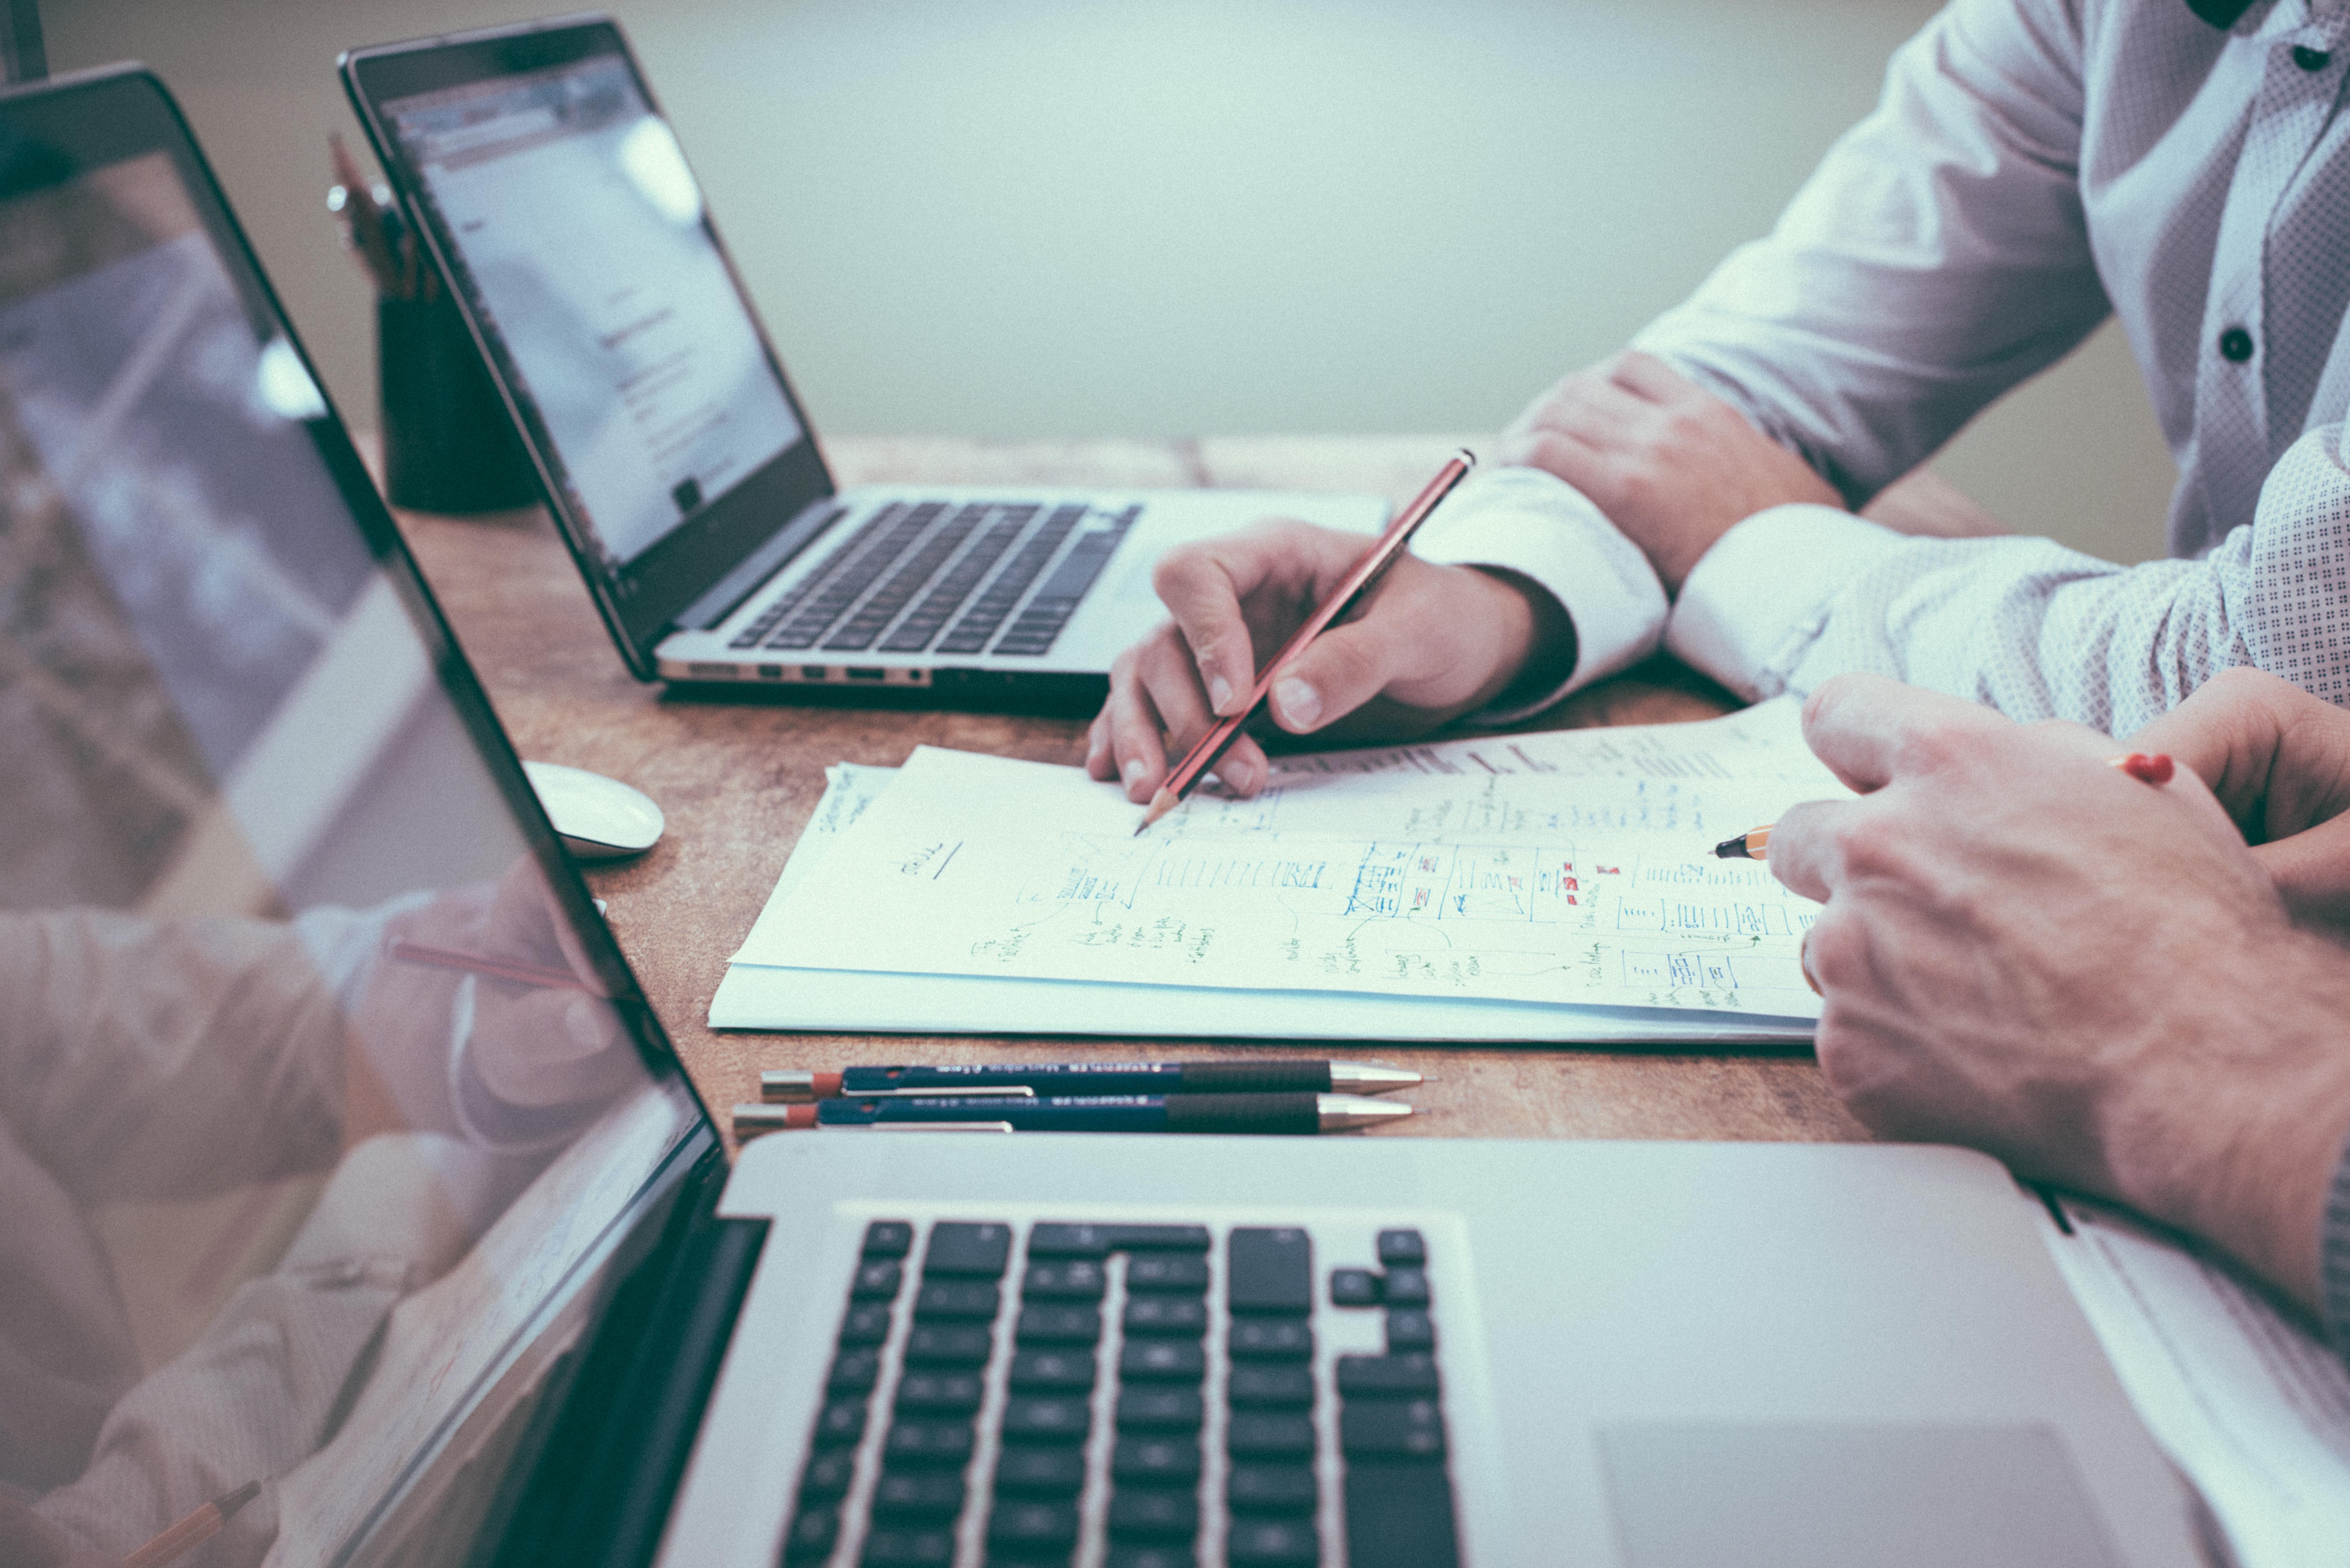 freelance mission freelance recruter freelance plateforme freelance freelance site web